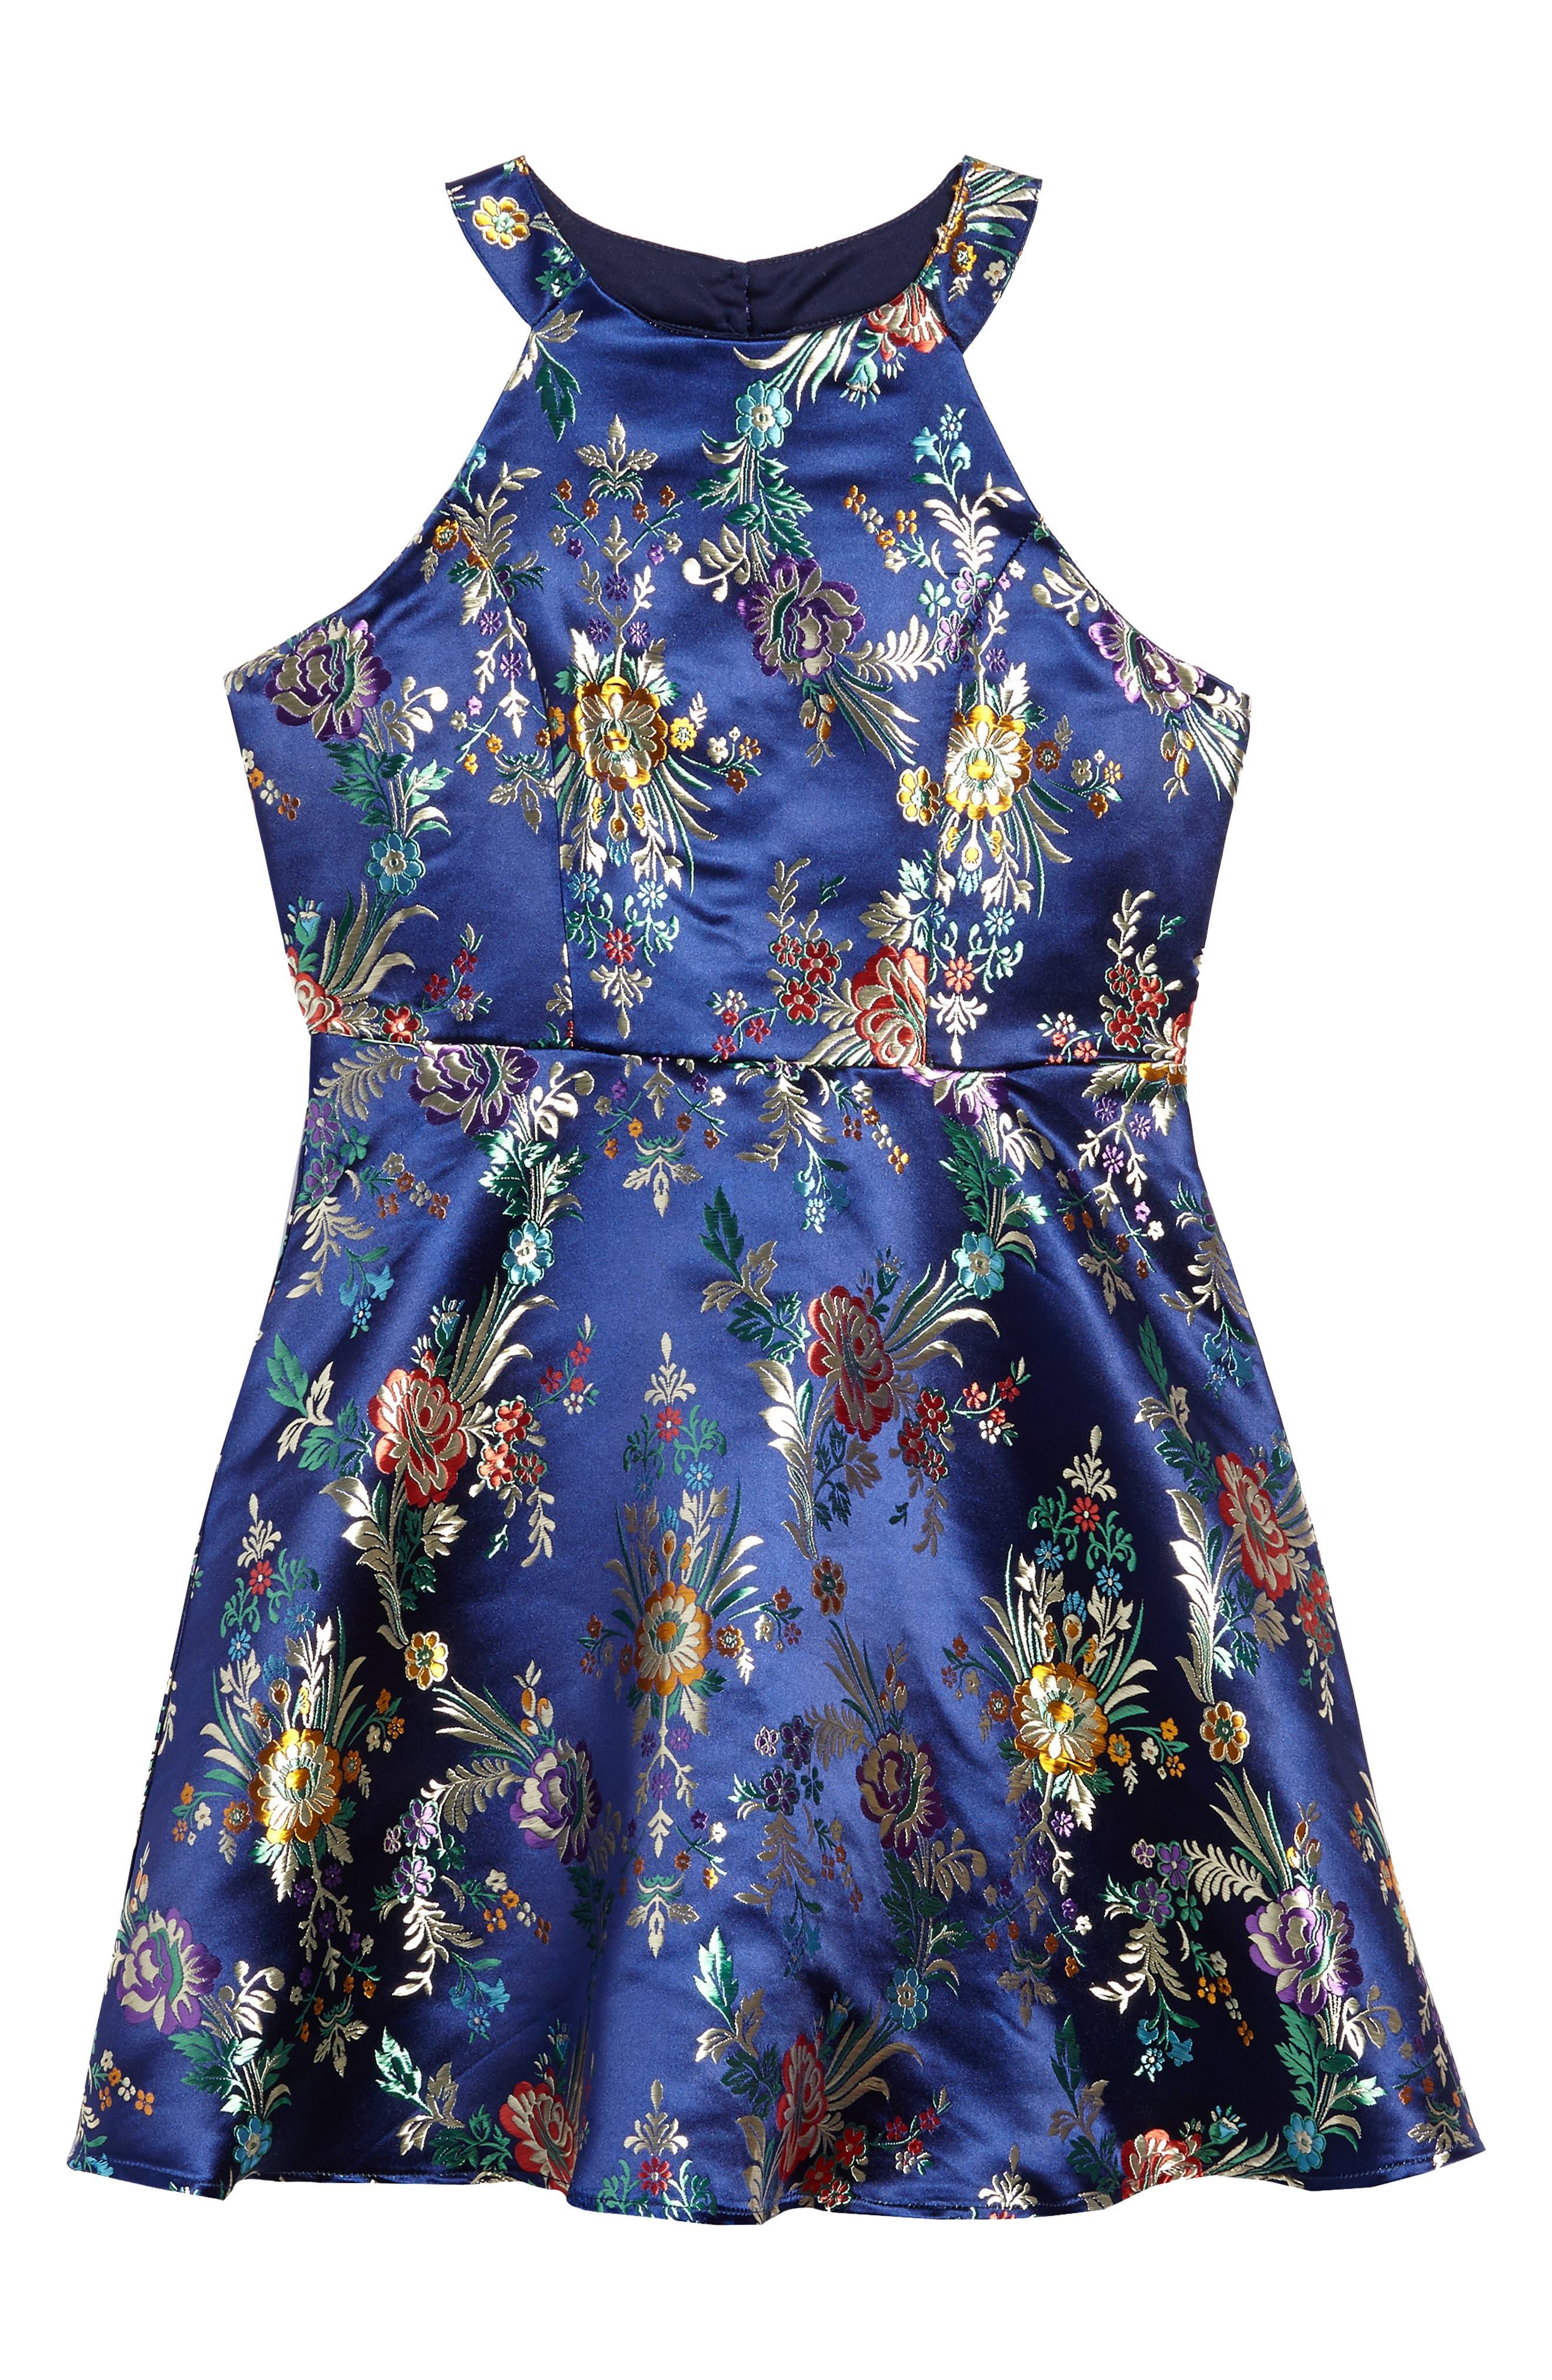 Metallic Floral Jacquard Dress,                         Main,                         color, Navy